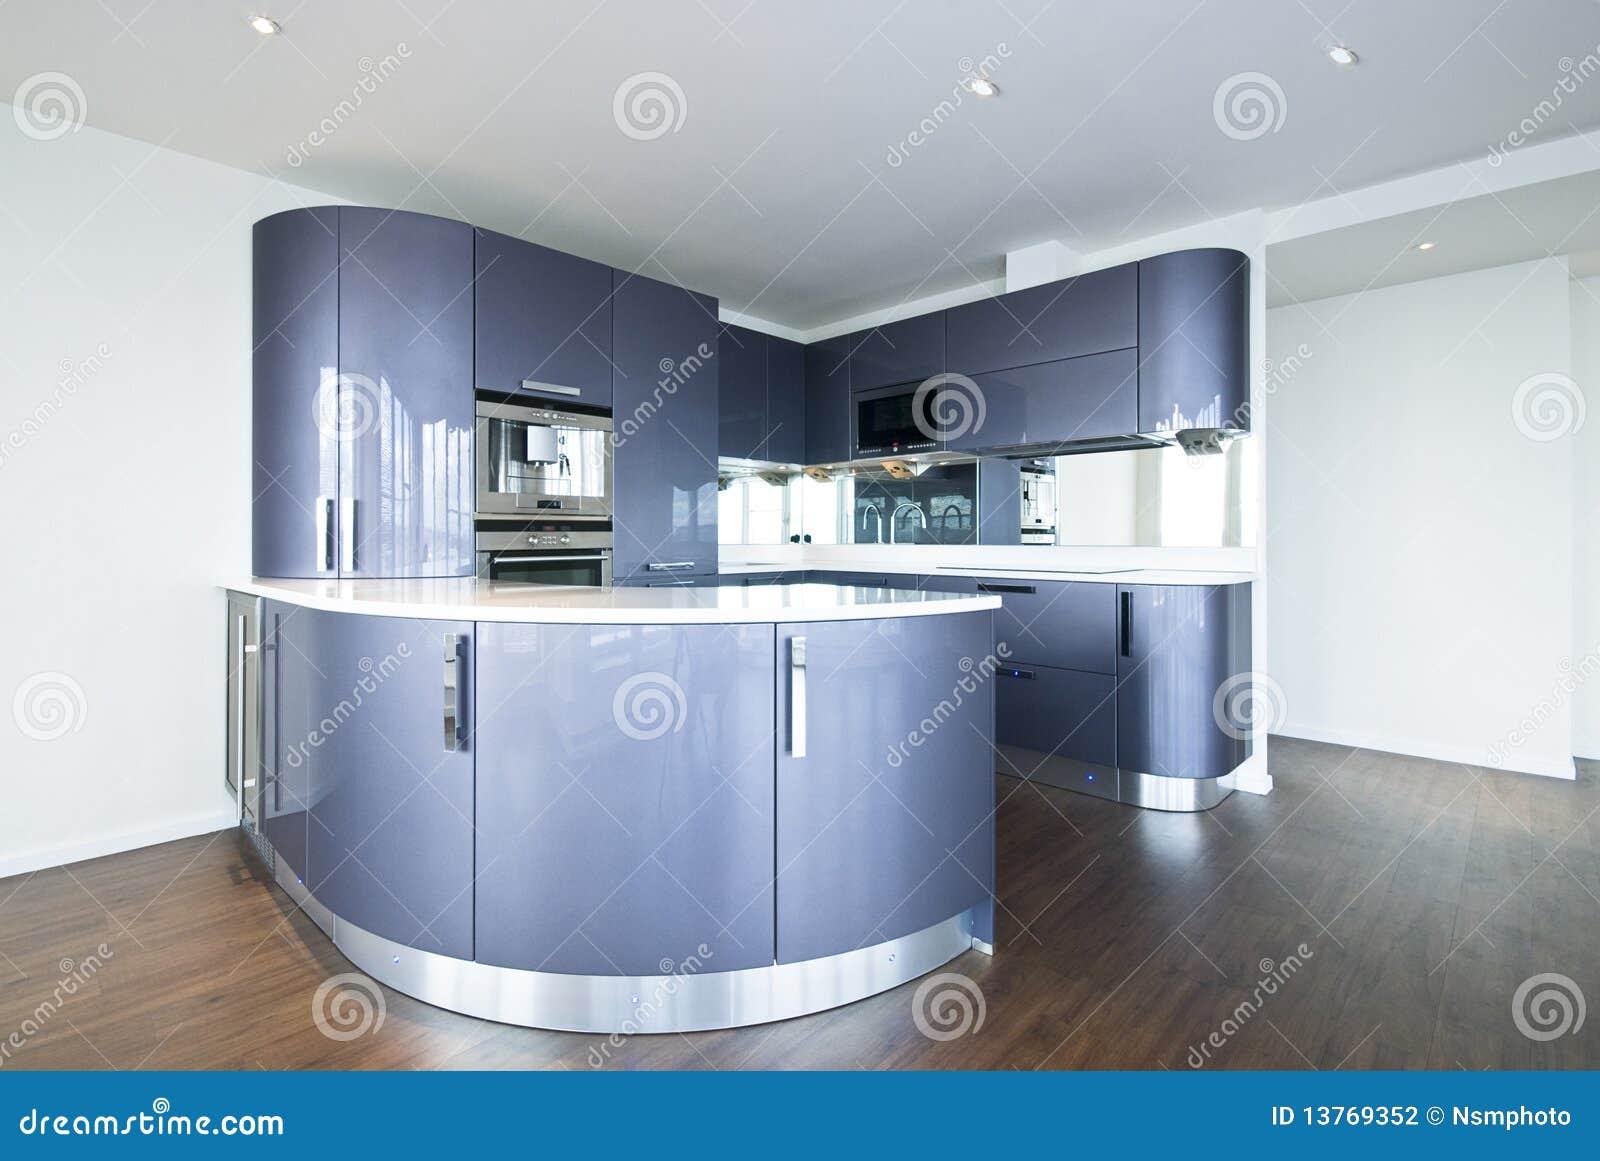 High spec designer kitchen in metal blue